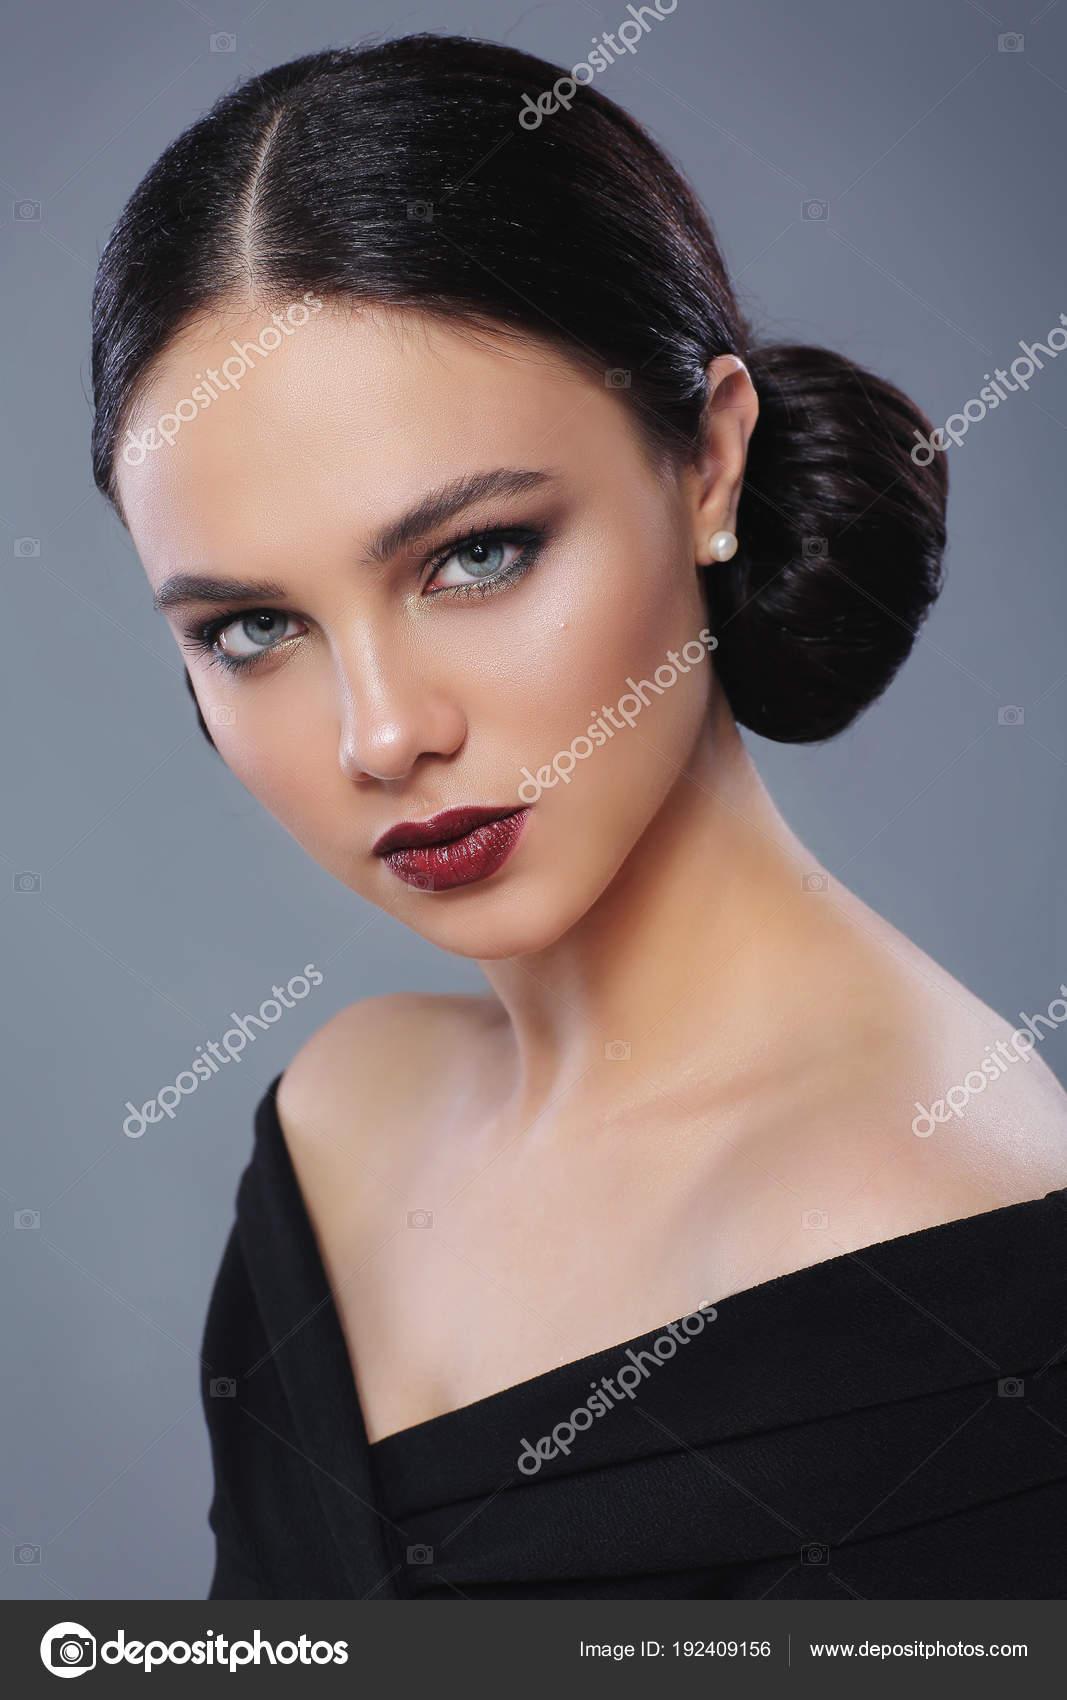 Mujer Hermosa Joven Con Maquillaje Moda Vestido Negro Foto